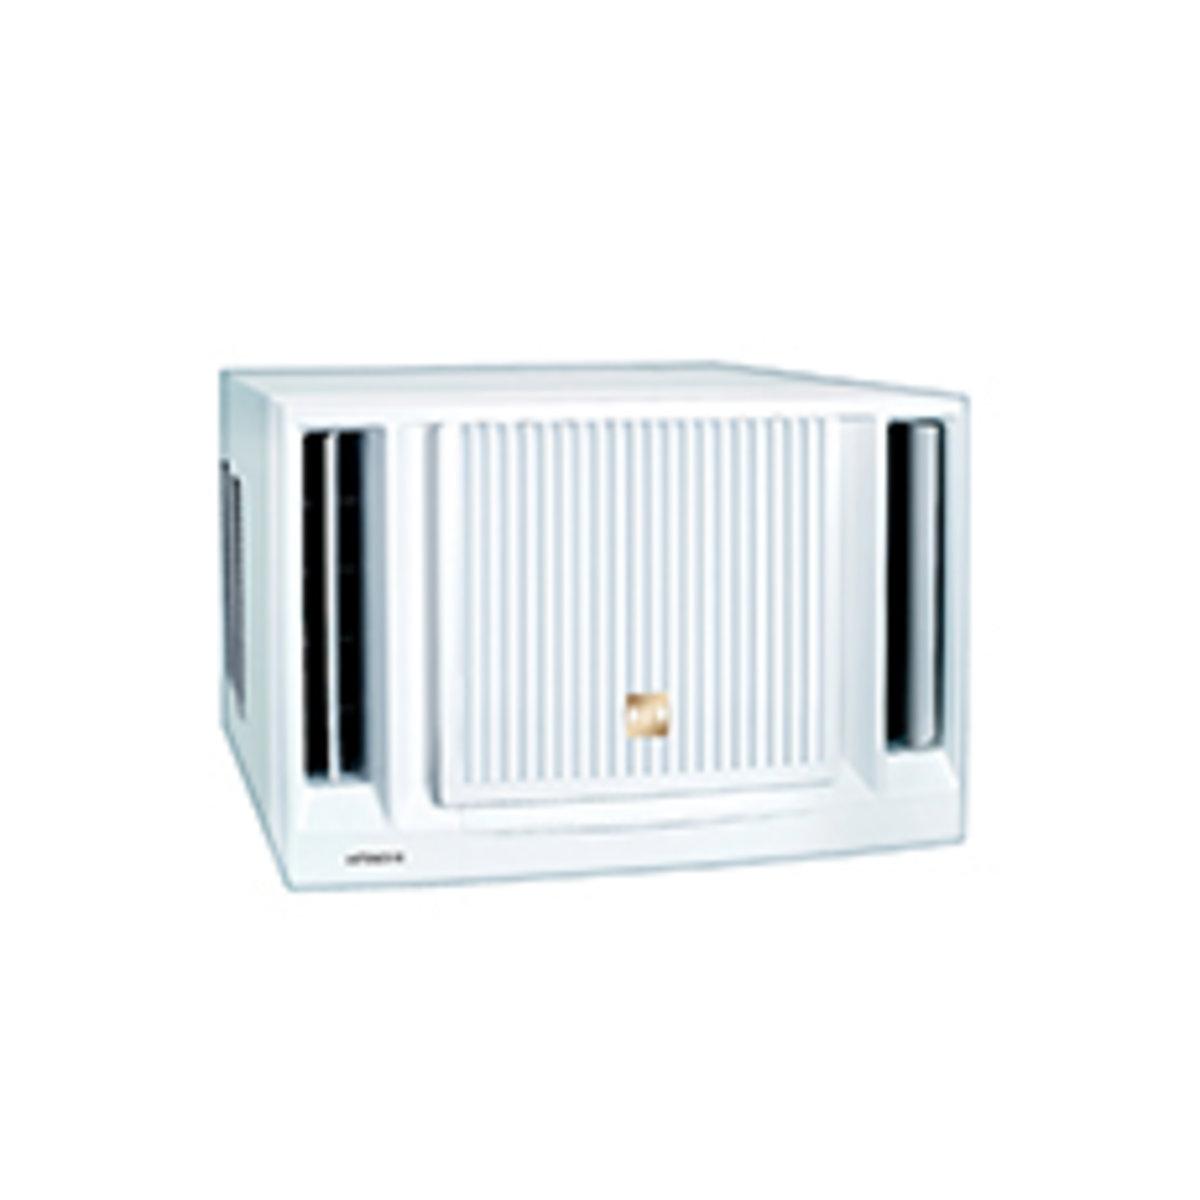 Hitachi 日立 - RA13QF 1.5匹窗口式冷氣機